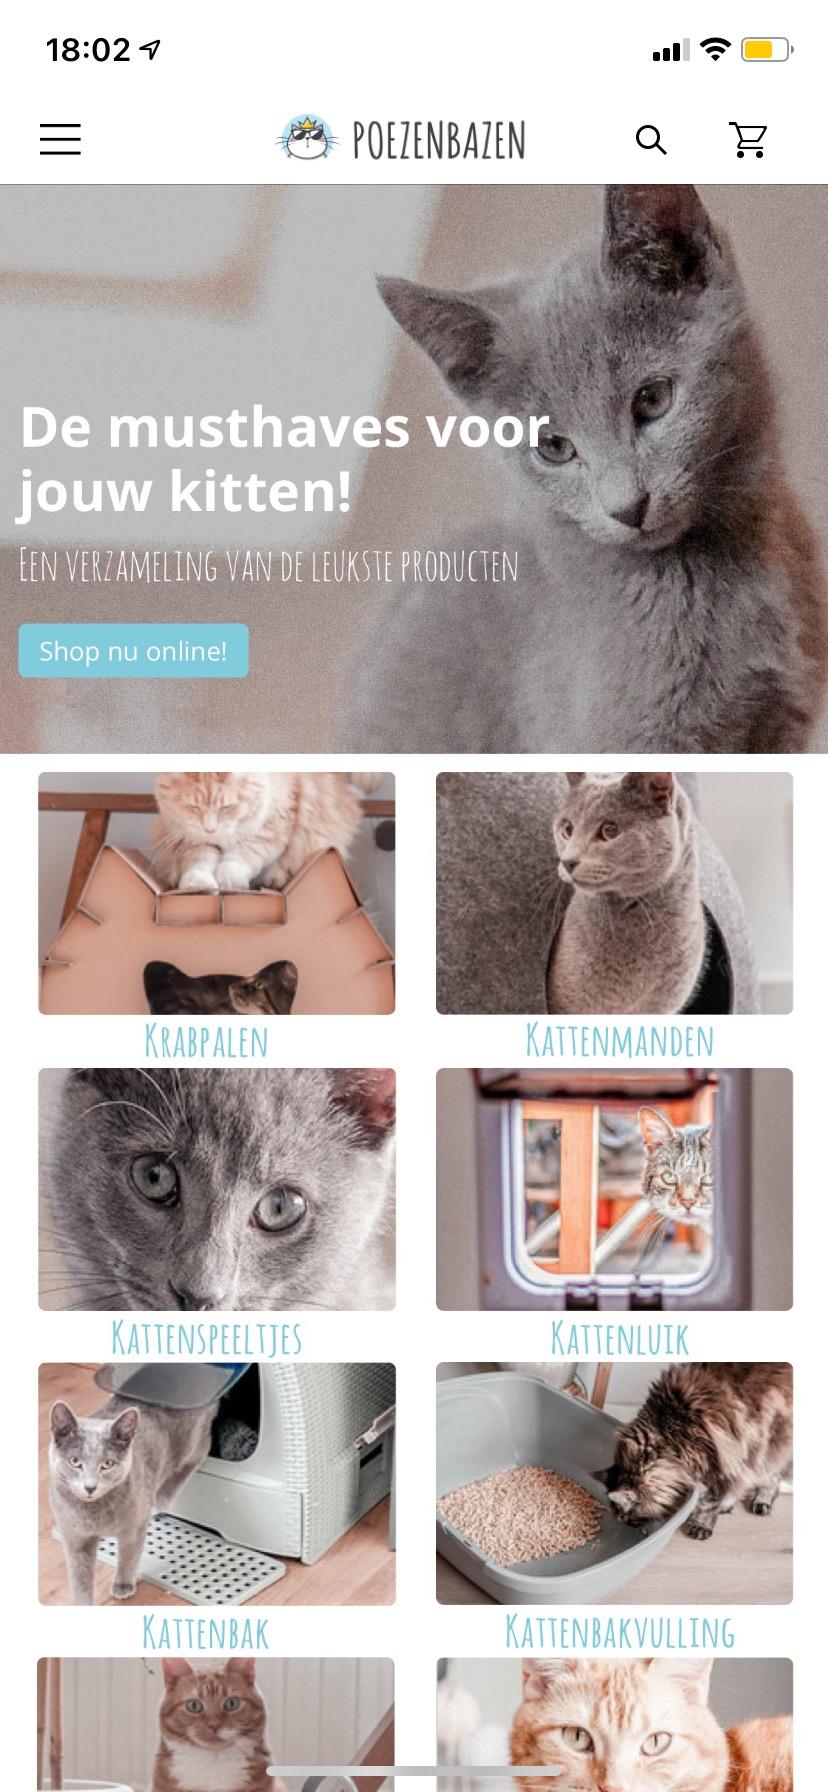 Poezenbazen app home